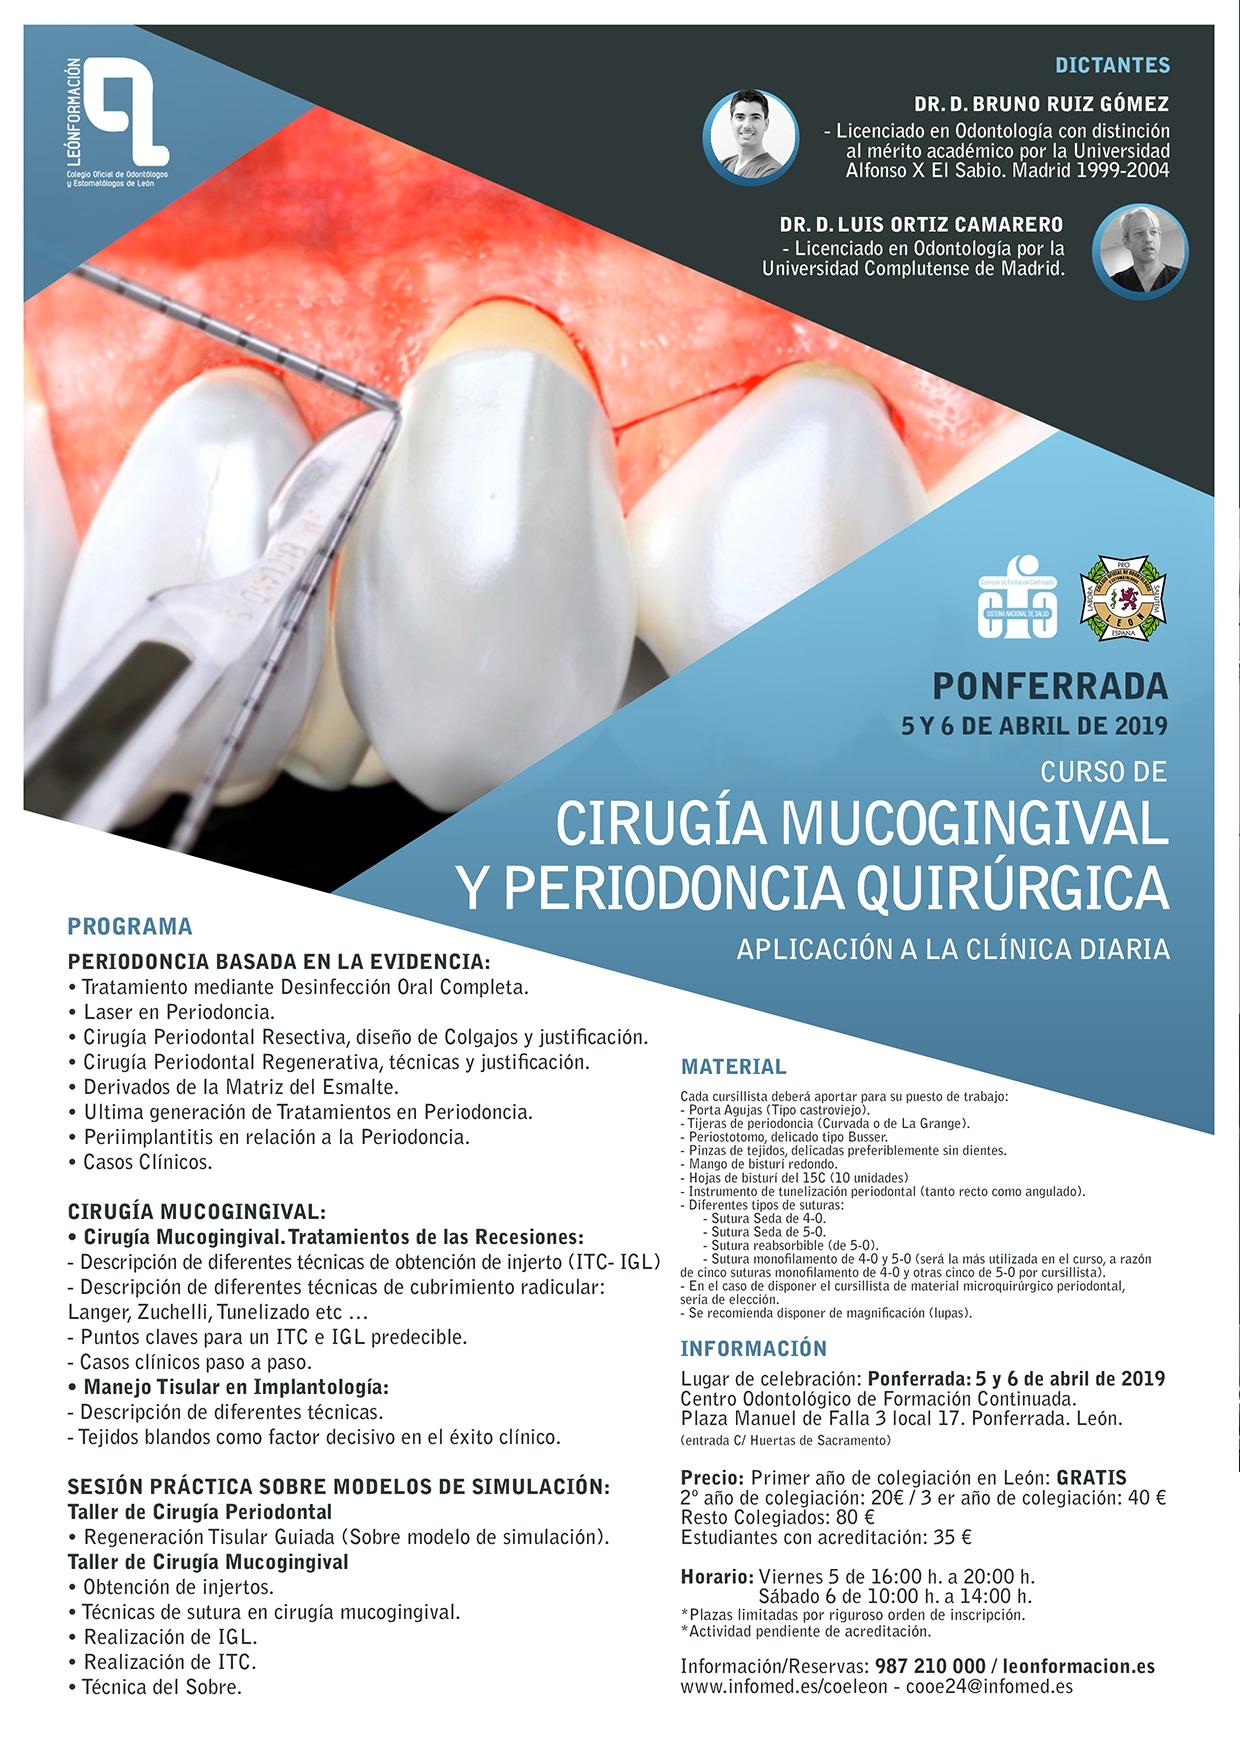 Curso de Cirugía Mucogingival y Periodoncia Quirúrgica